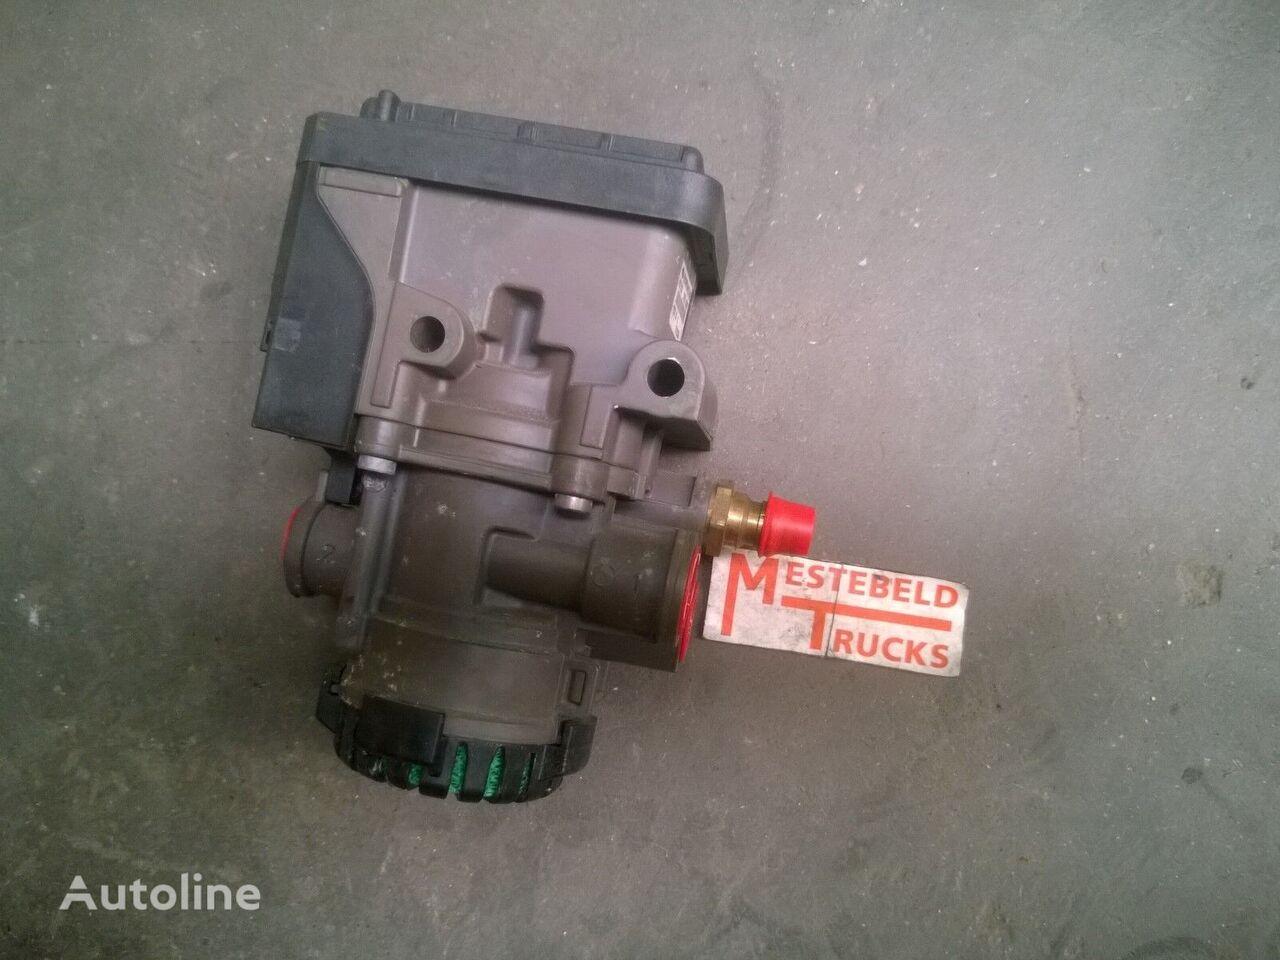 EBS Voorasmodulator RENAULT onderdeel voor RENAULT EBS Voorasmodulator vrachtwagen